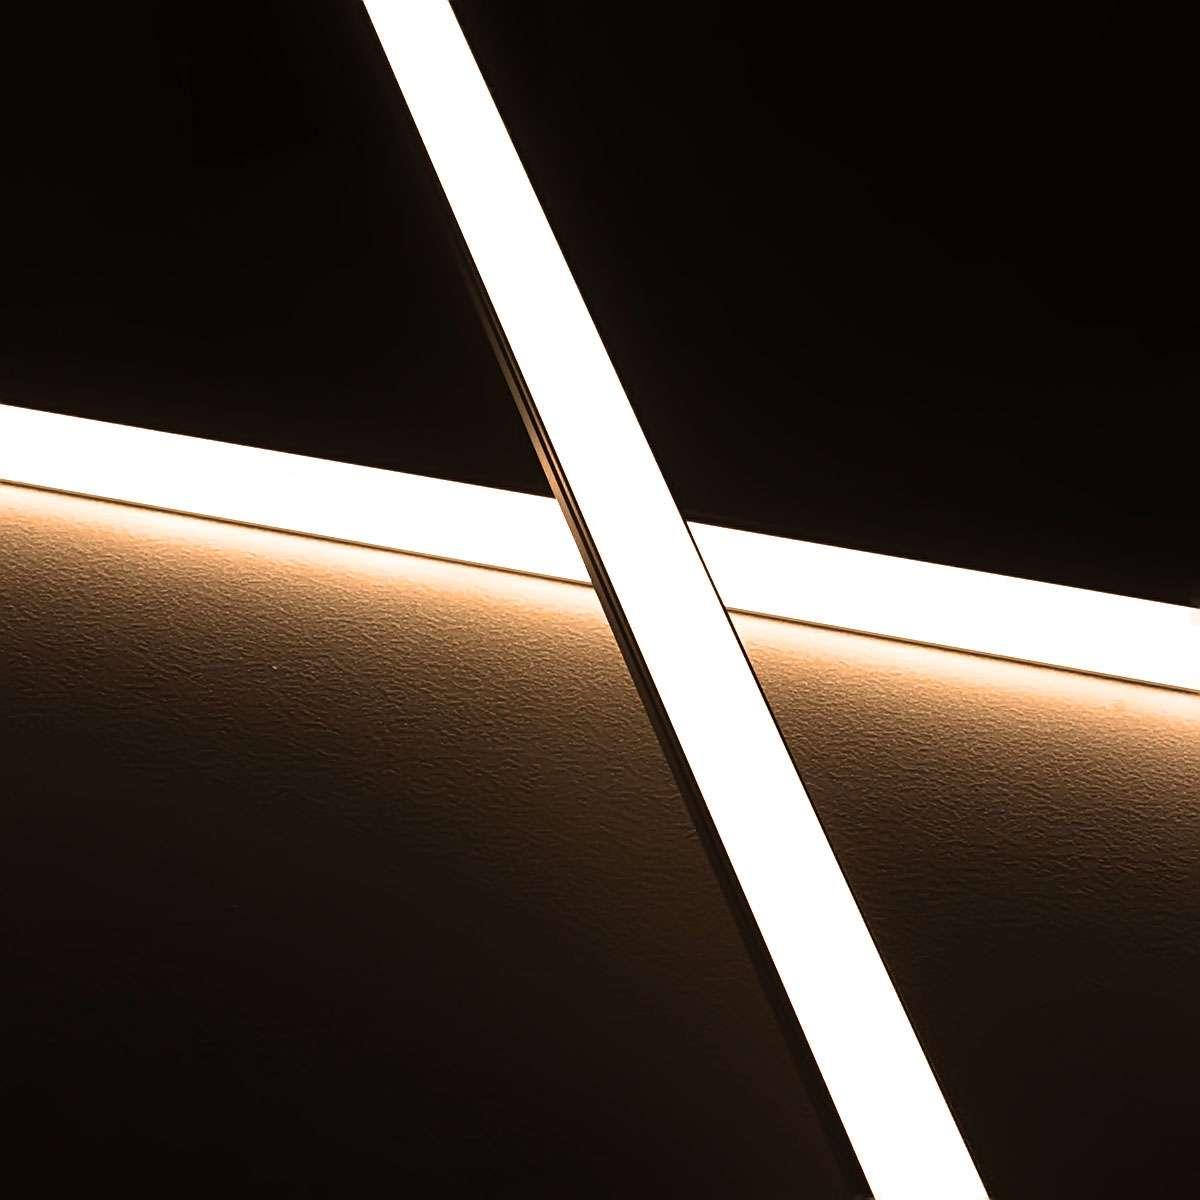 LED Leisten | dimmbar mit Farbwechsel für Innen / Außen ...